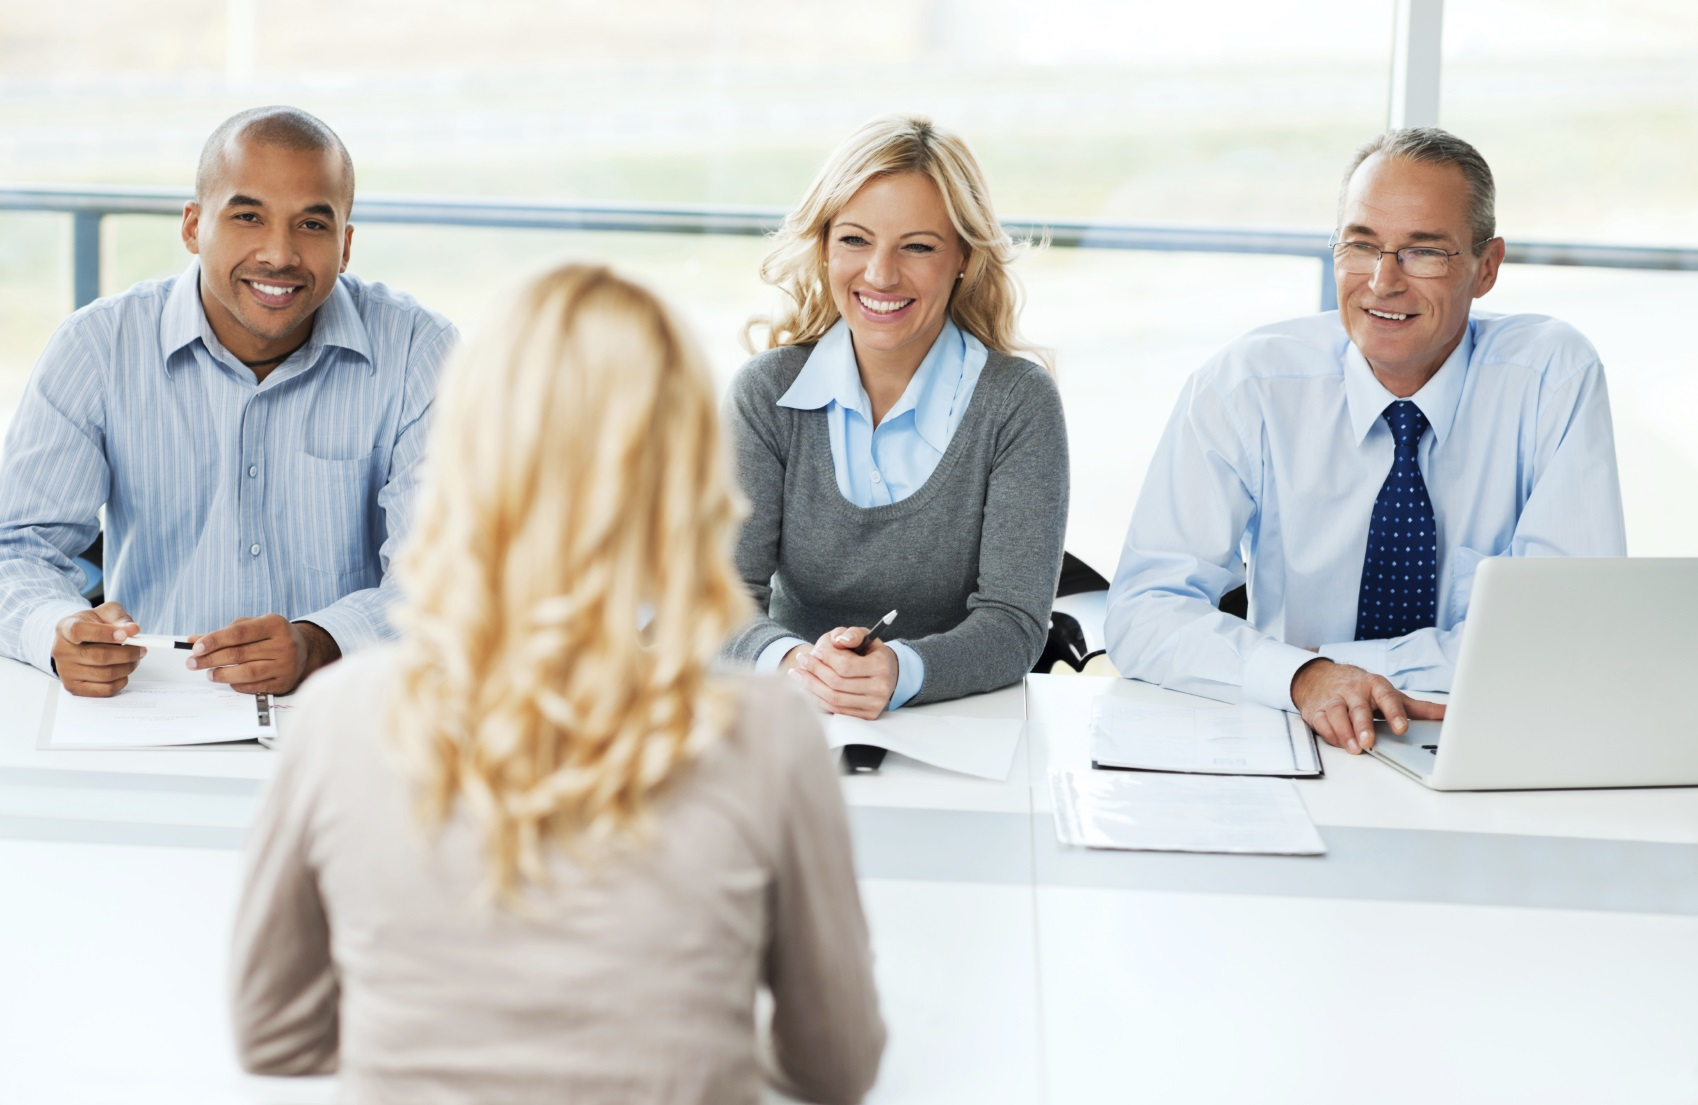 Kỹ năng phỏng vấn tìm kiếm việc làm